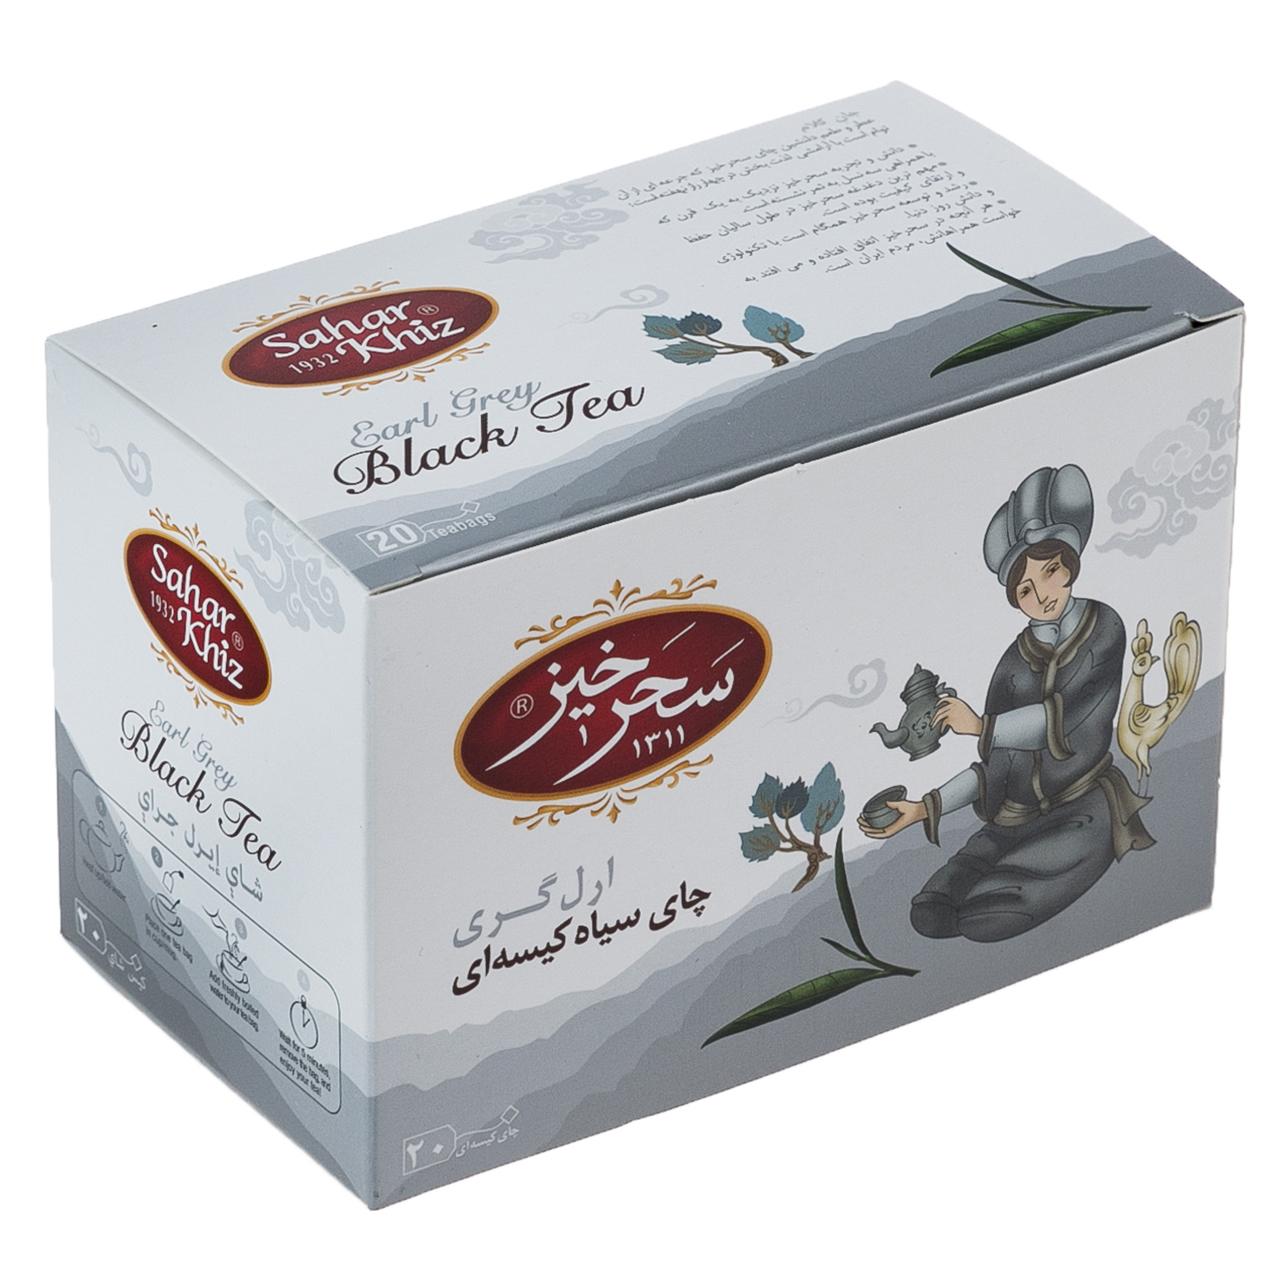 چای سیاه کیسهای ارل گری سحرخیز بسته 20 عددی